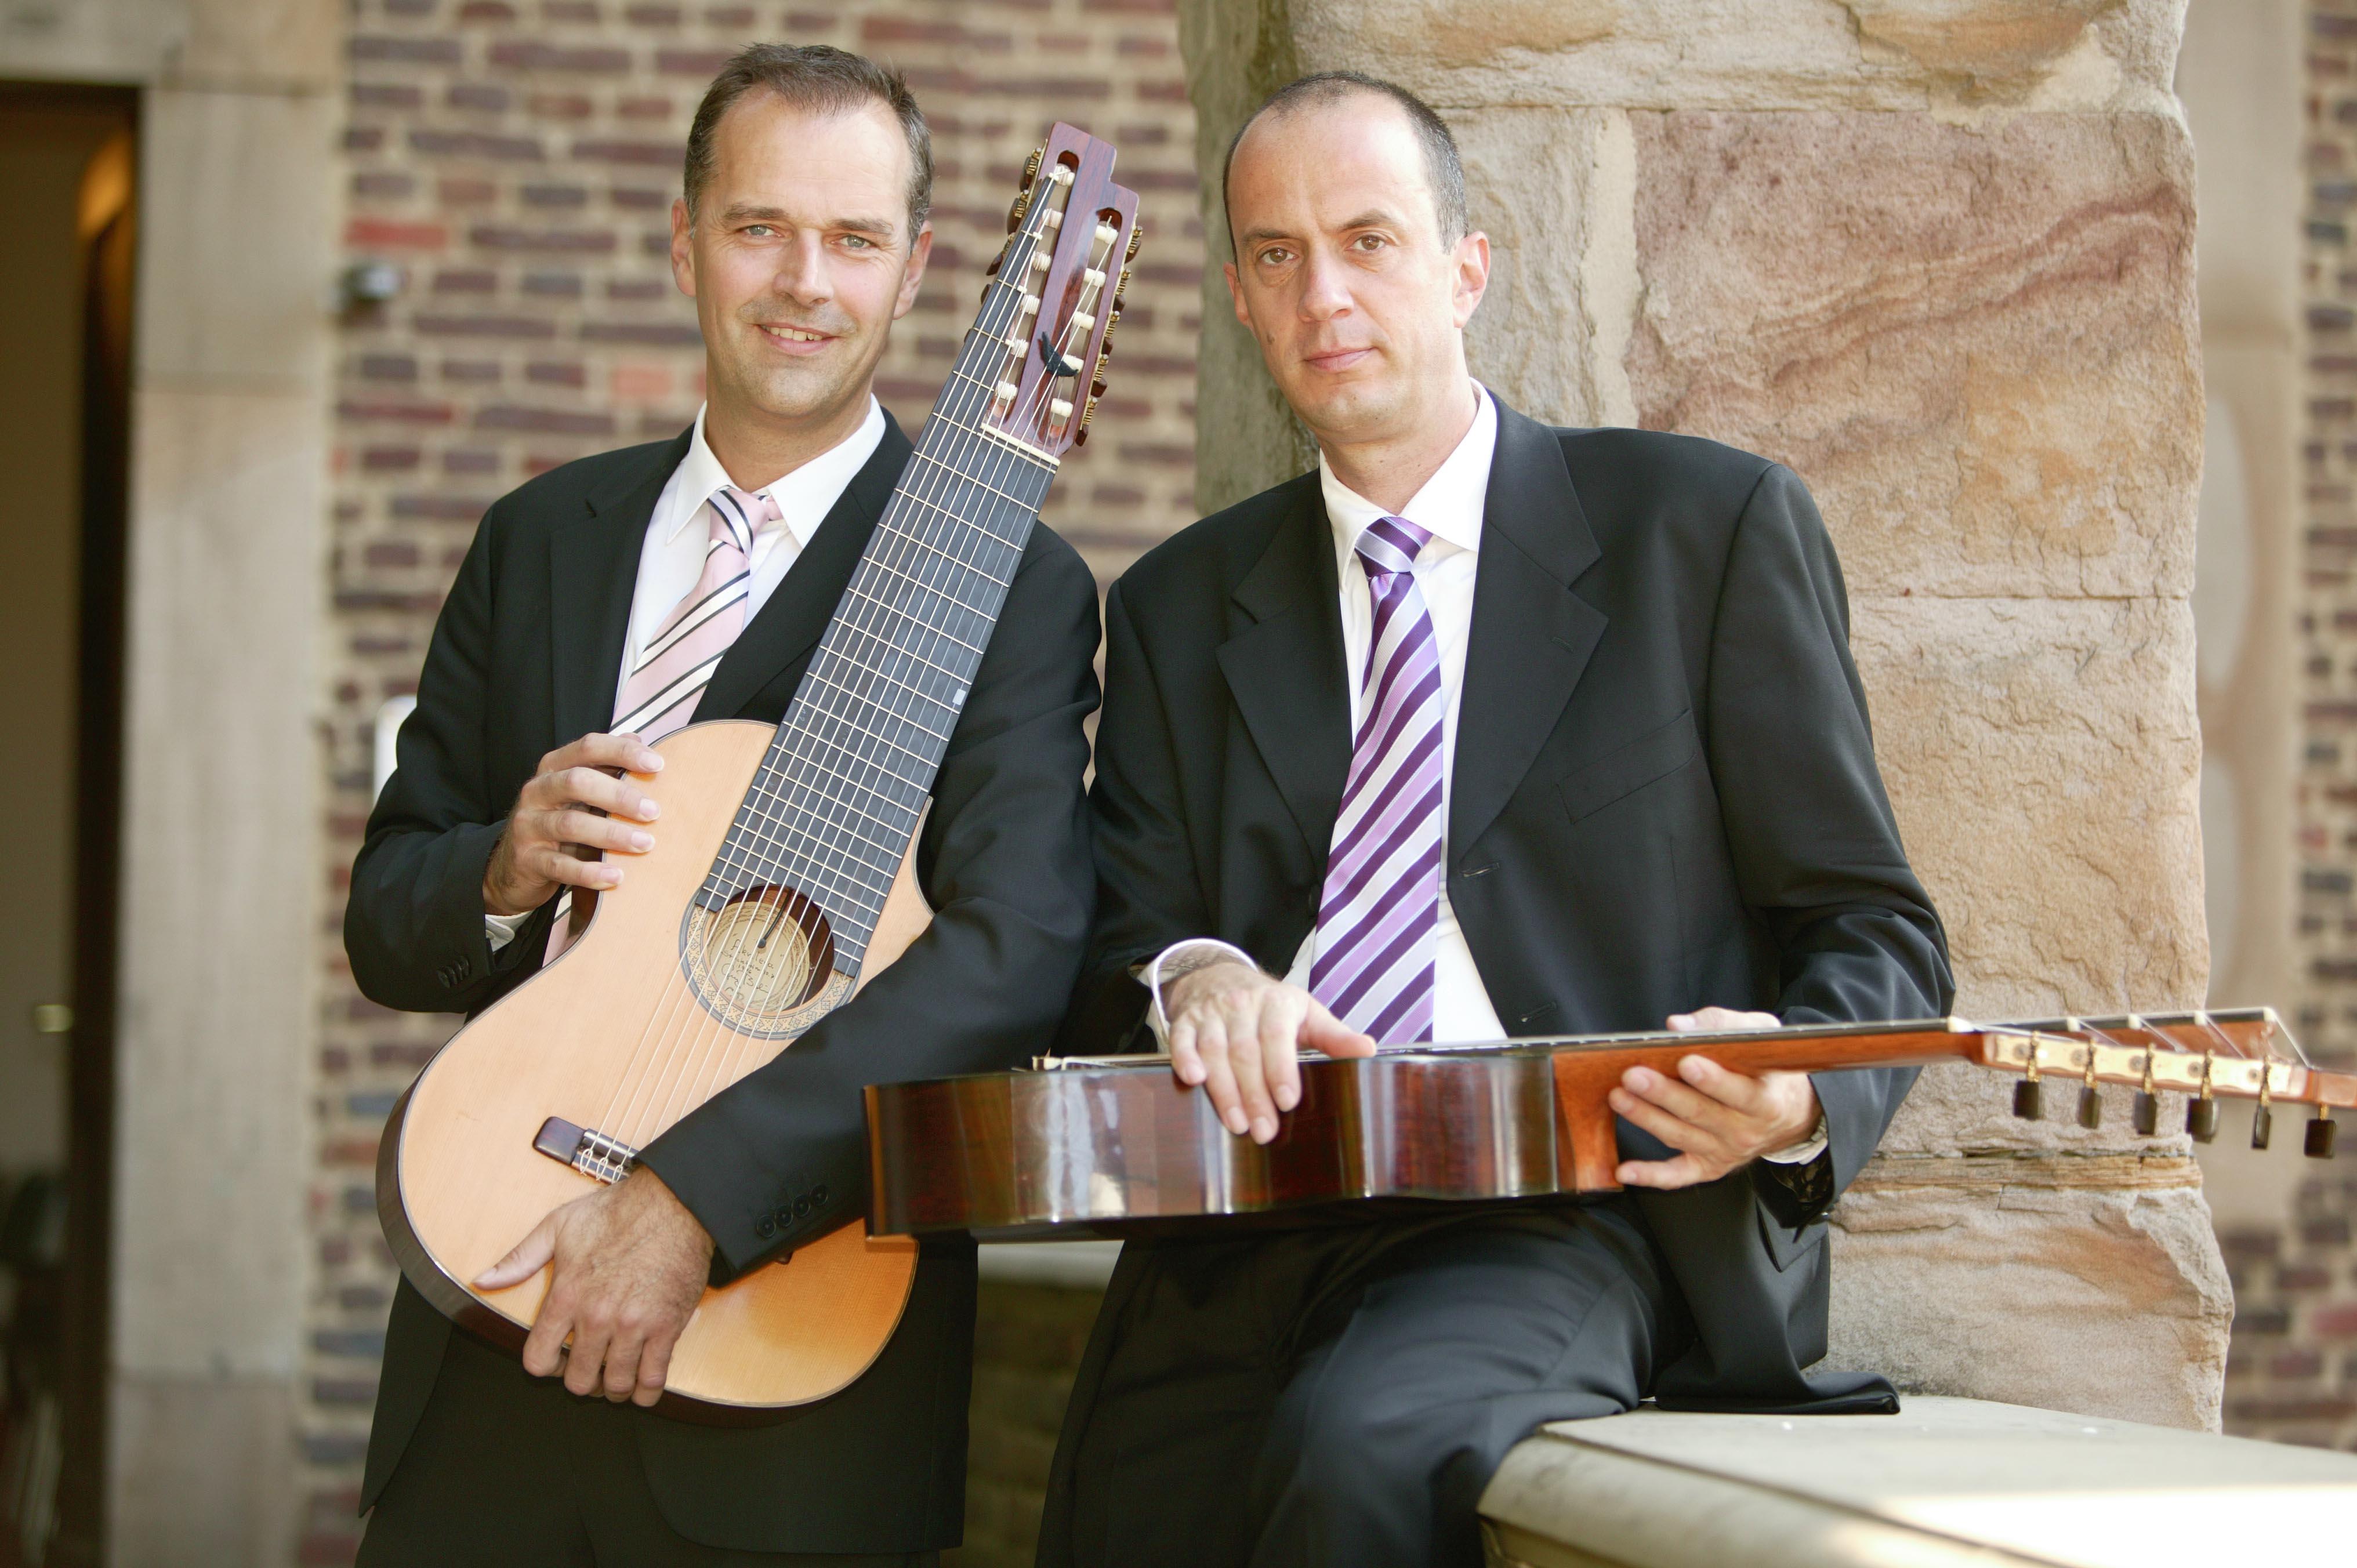 Carsten_Grøndahl_og_Carsten_Flink